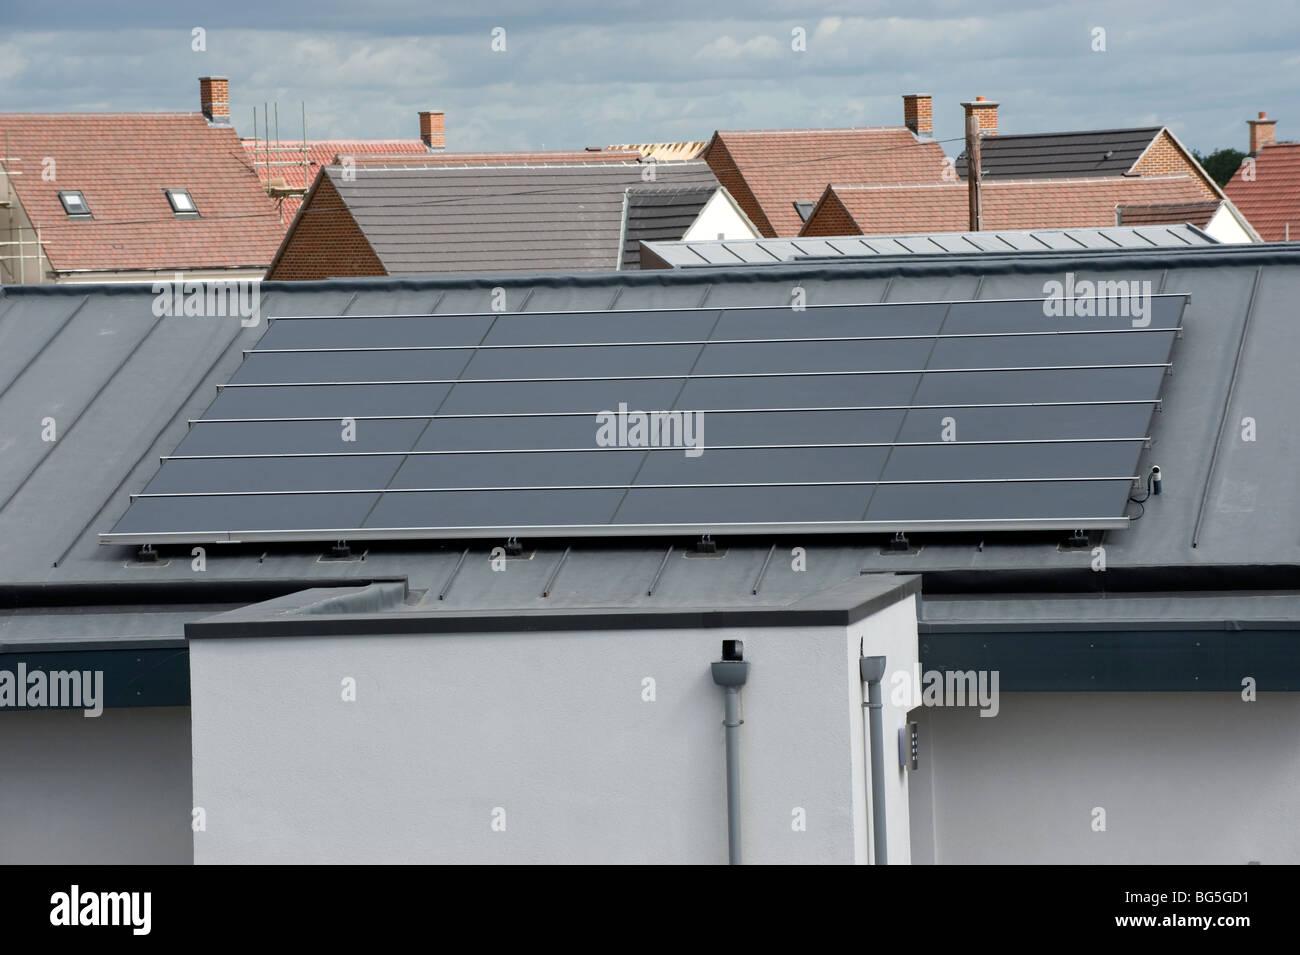 Dach montierte Photovoltaik-Solarzellen auf einer Neubausiedlung Stockbild